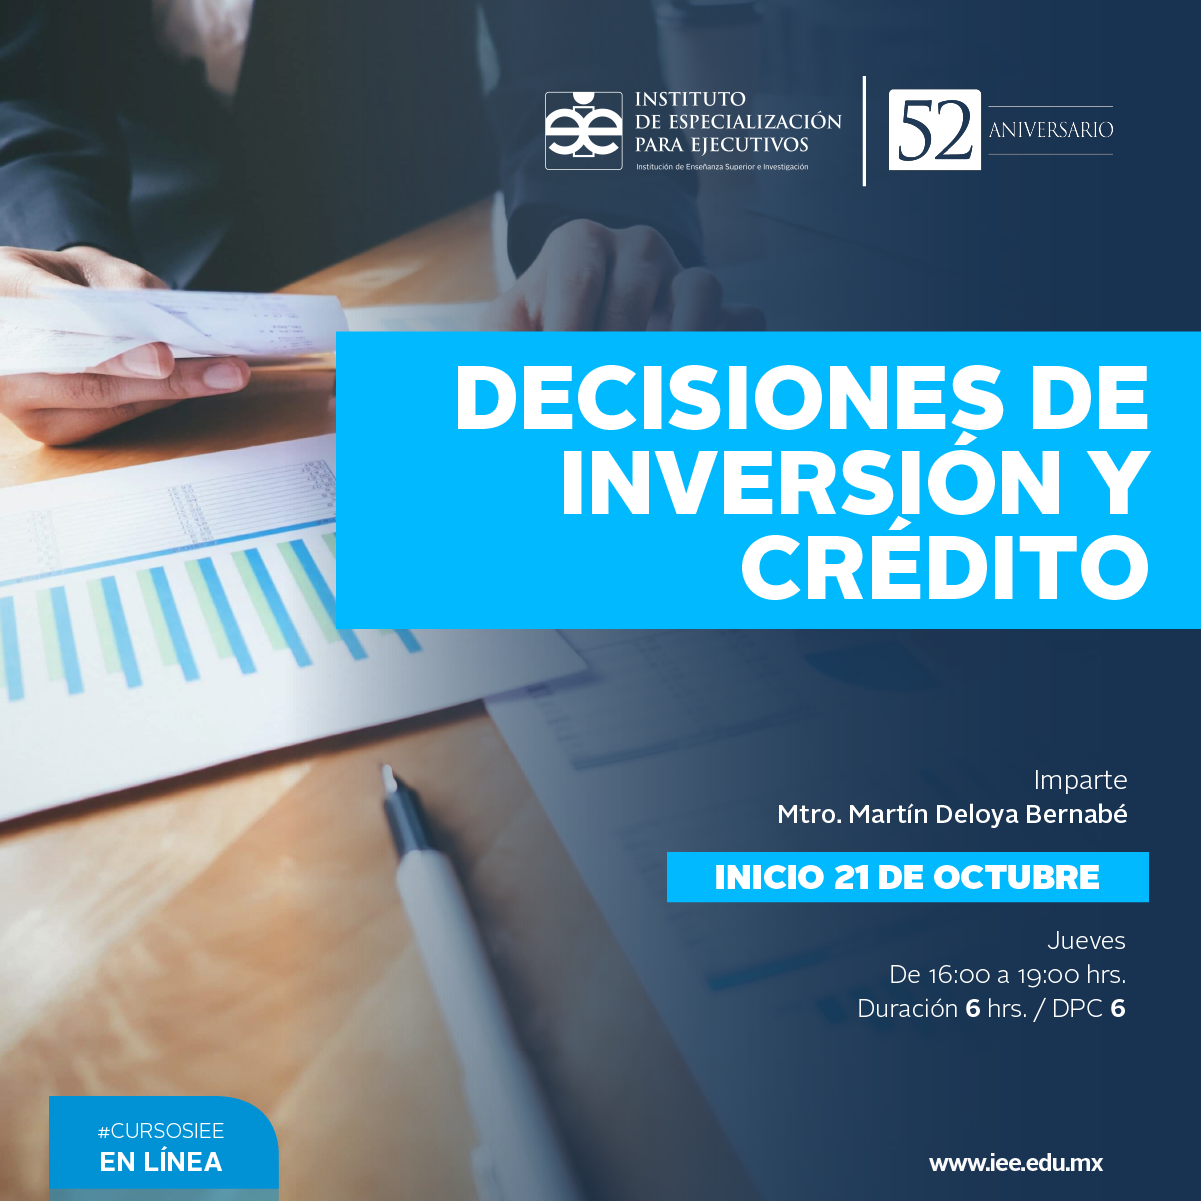 Curso en Línea Decisiones de Inversión y Crédito